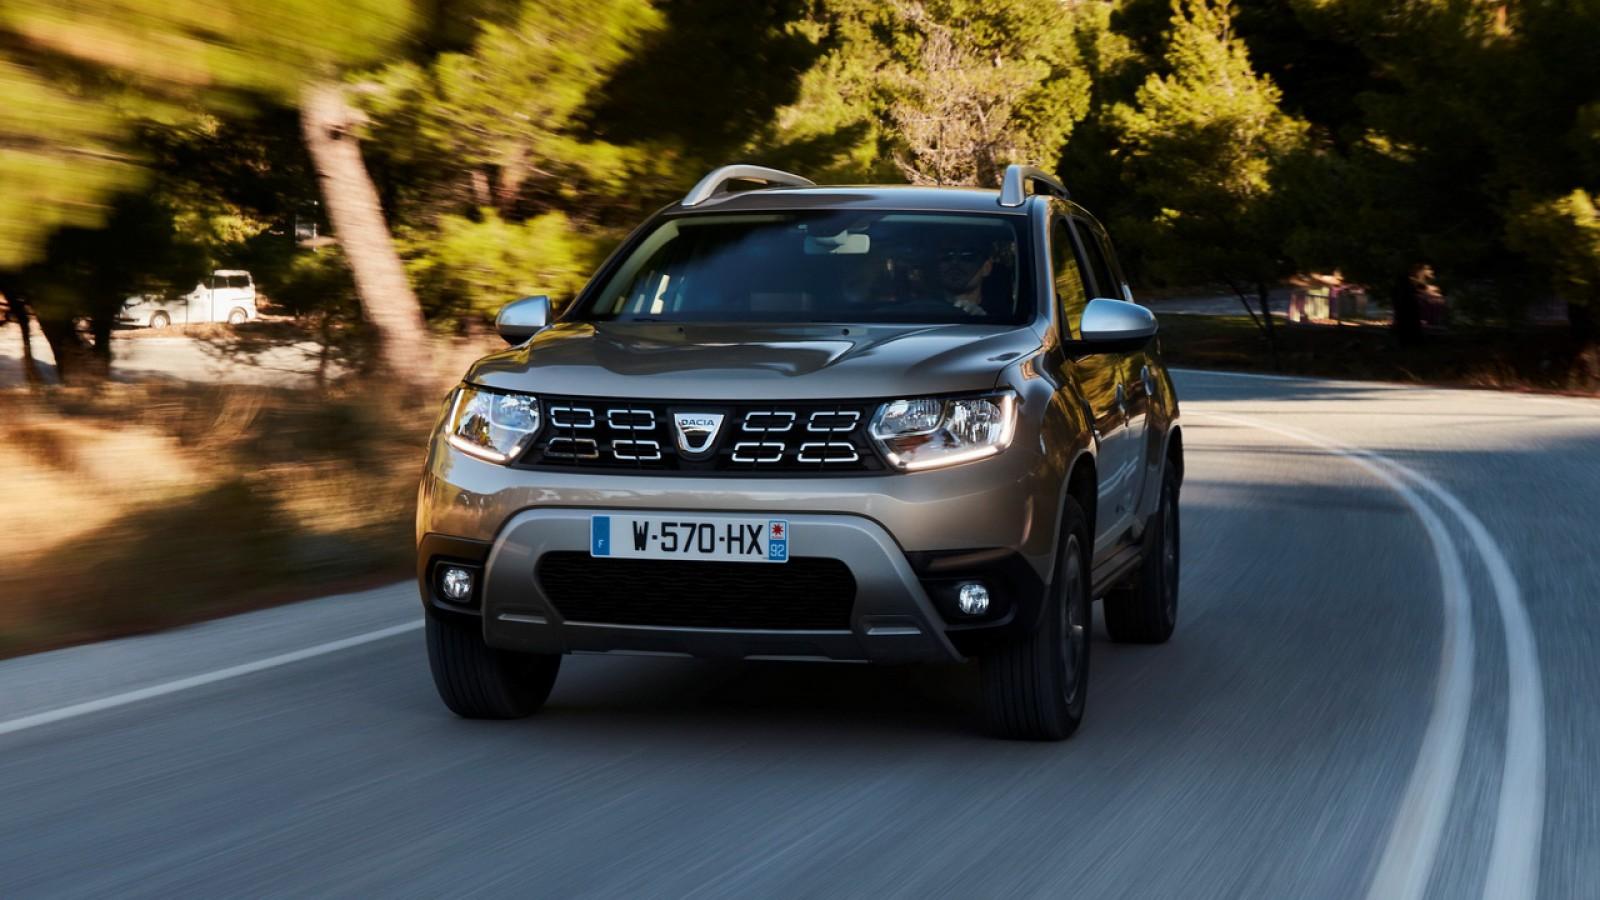 (foto) Dacia anunţă două motoare diesel noi pentru Duster, iar Sandero Stepway a devenit mai accesibil